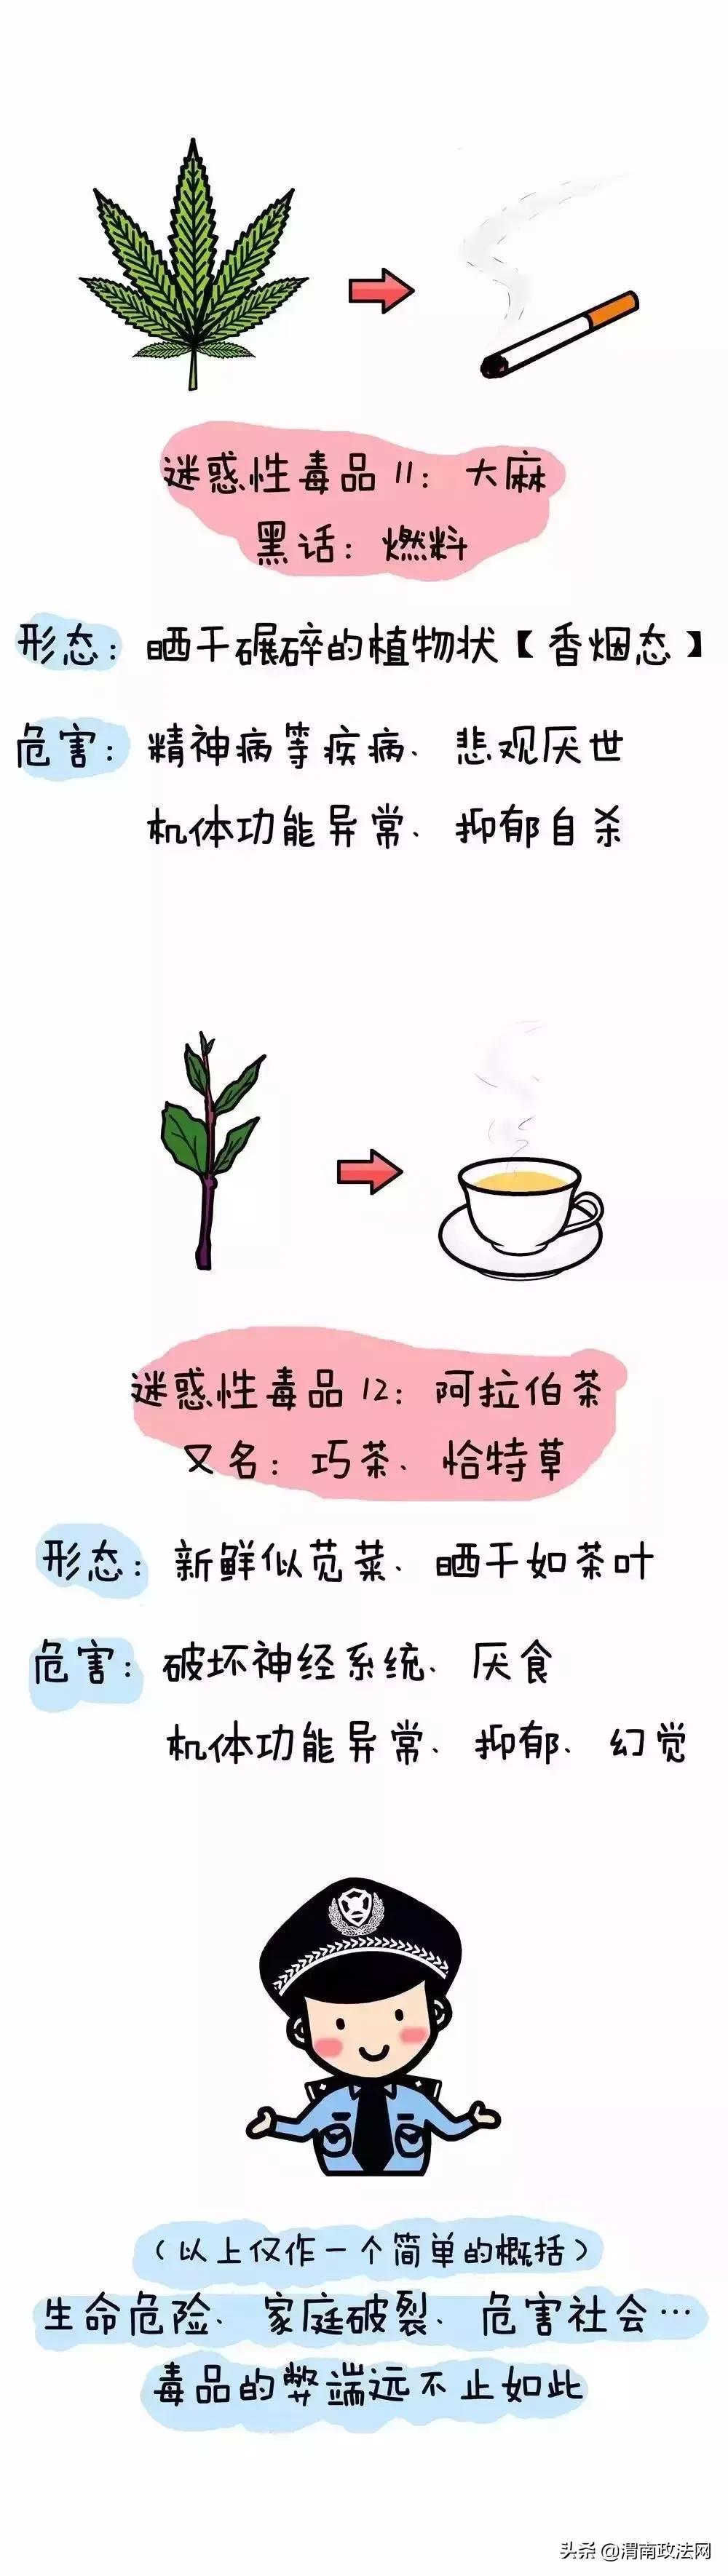 【全民禁毒】禁毒知识小漫画,速来get!